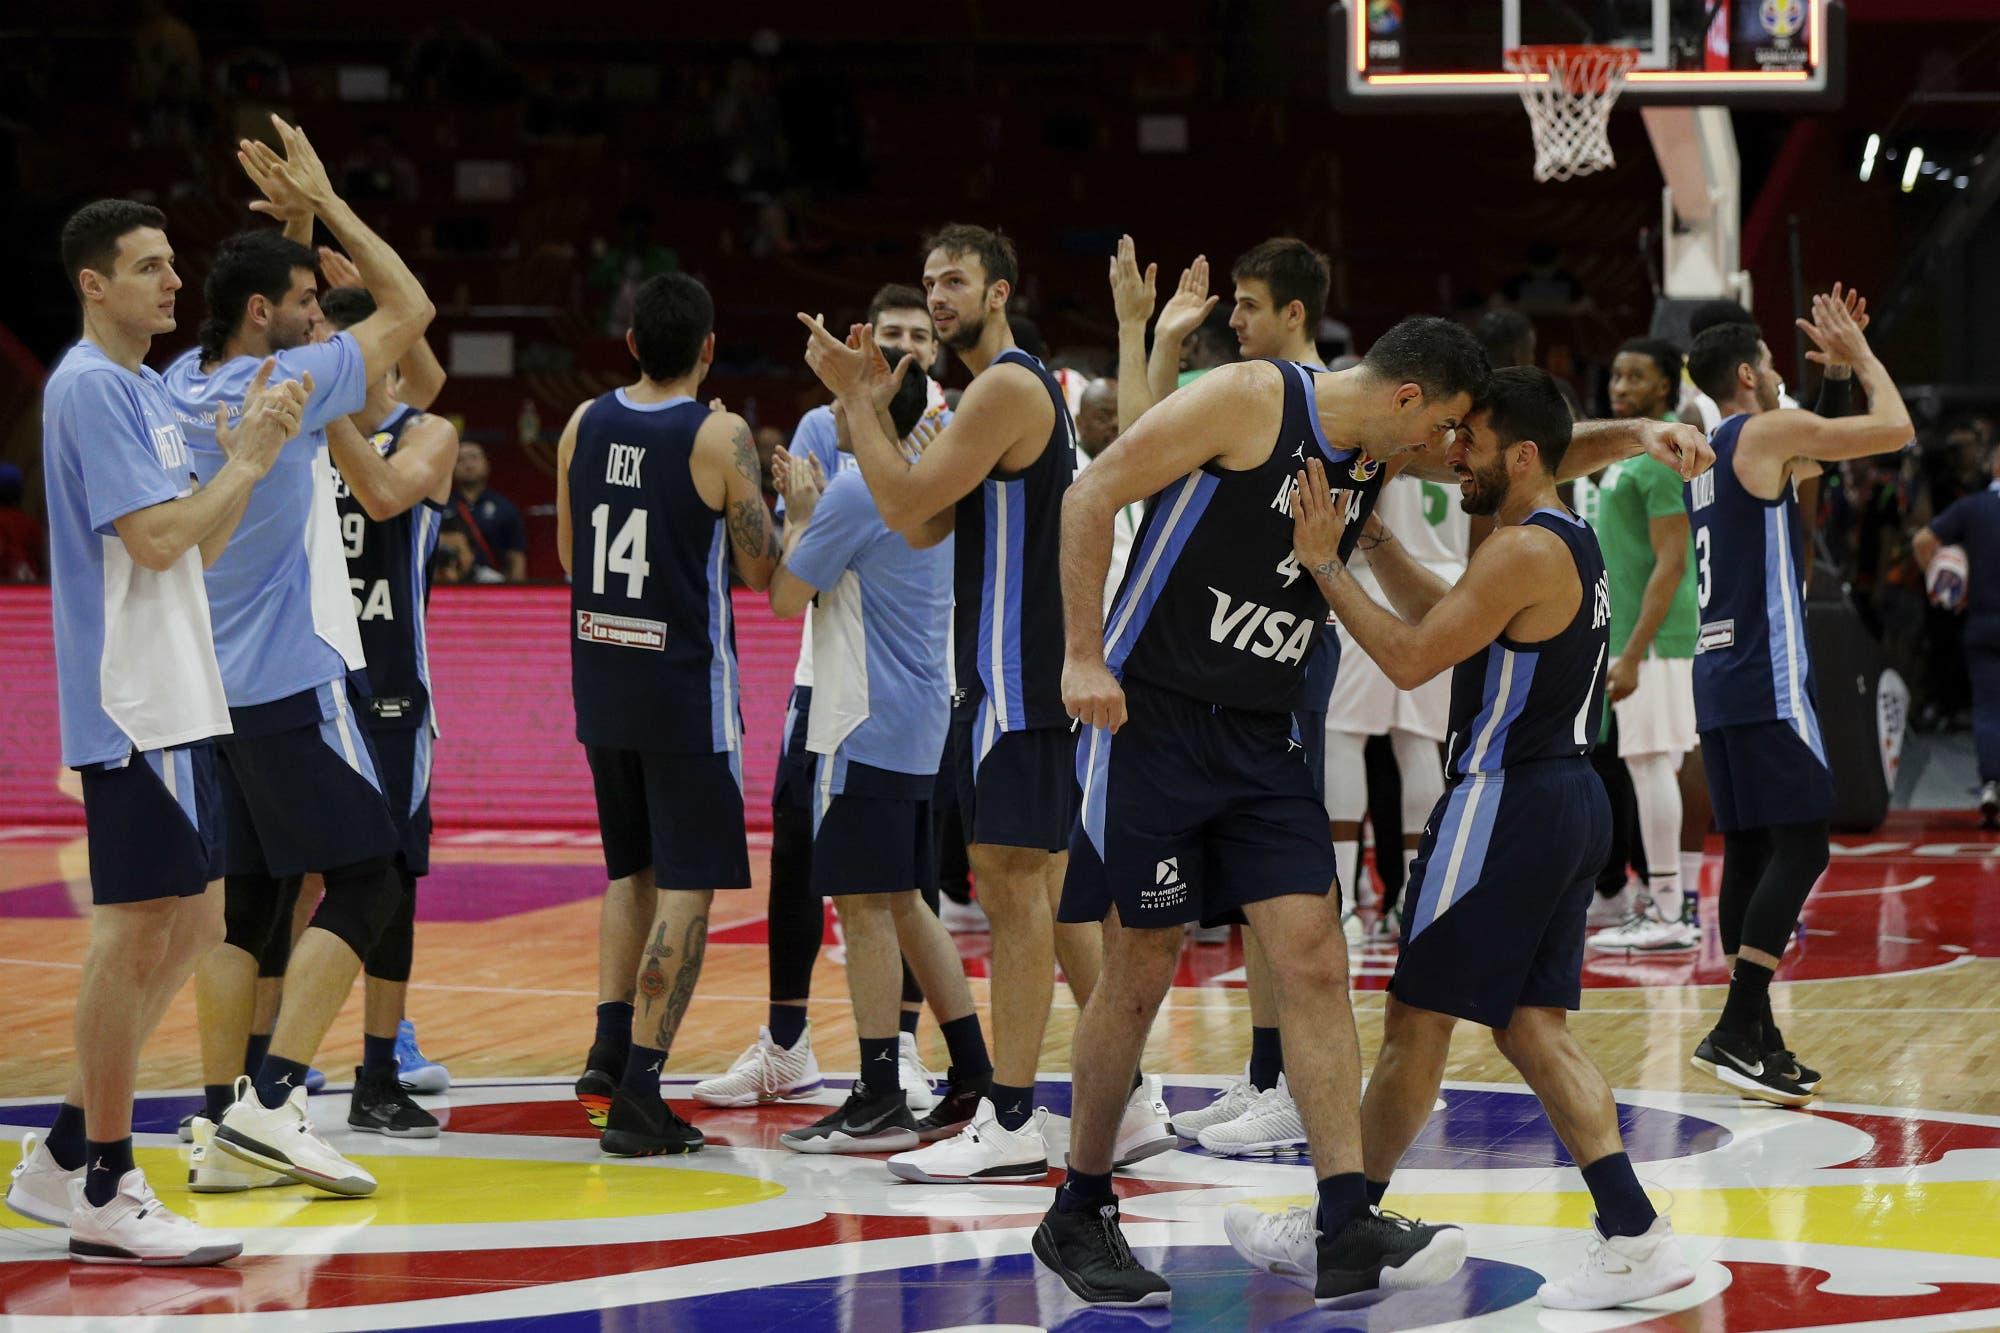 Mundial de básquet: Cómo impacta el triunfo de la selección argentina en la carrera rumbo a Tokio 2020